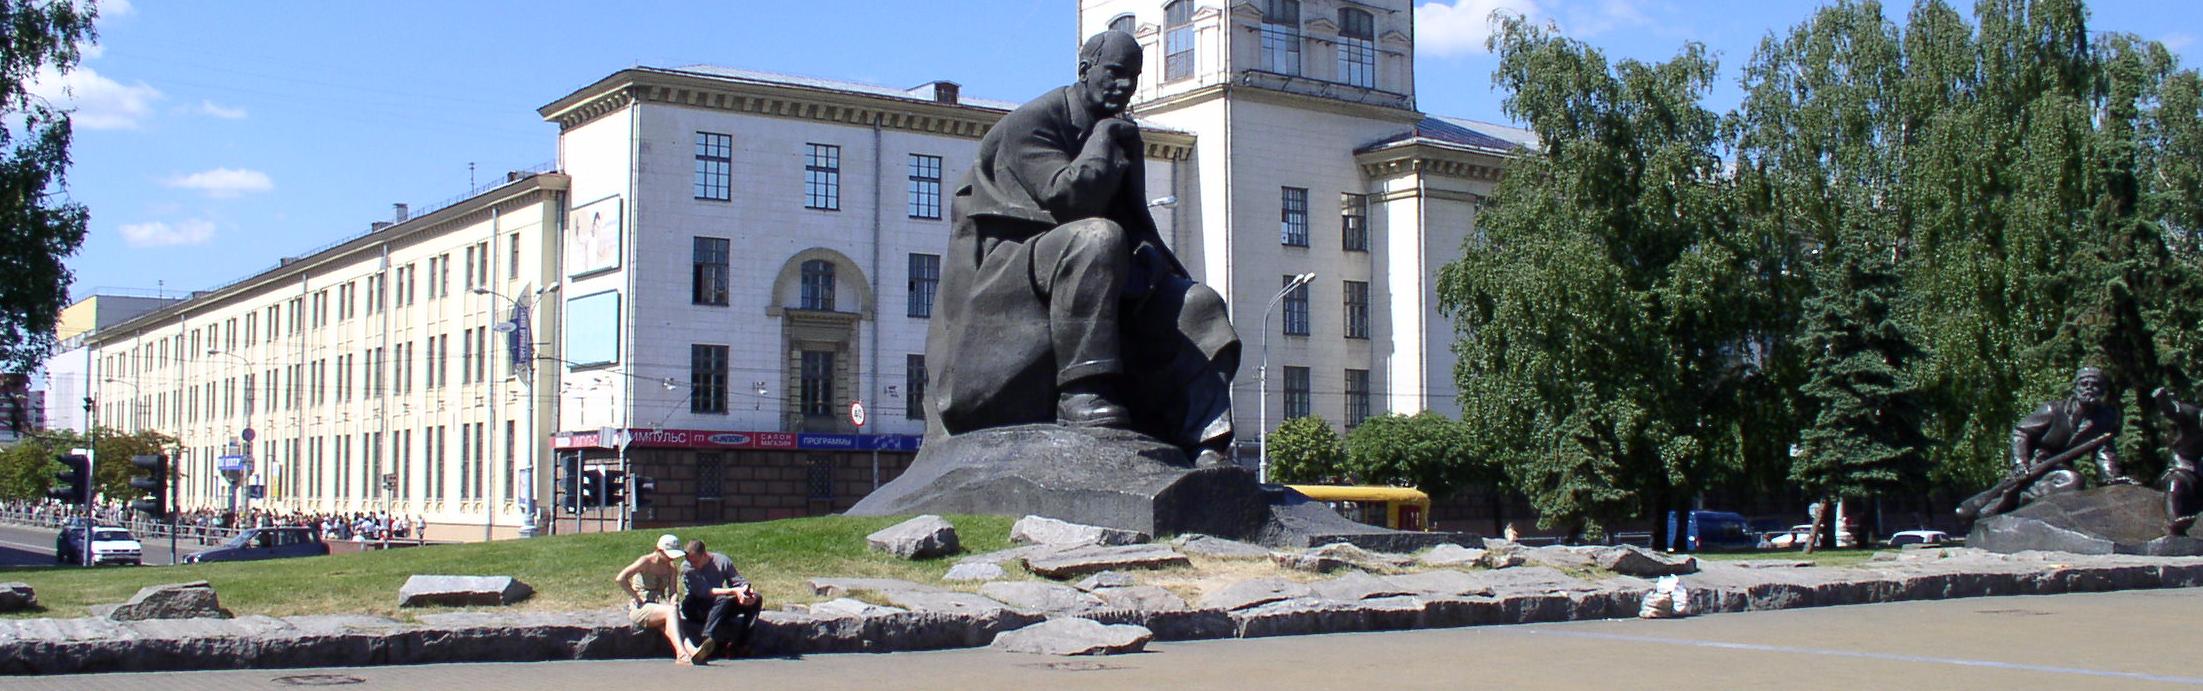 Площадь Якуба Коласа